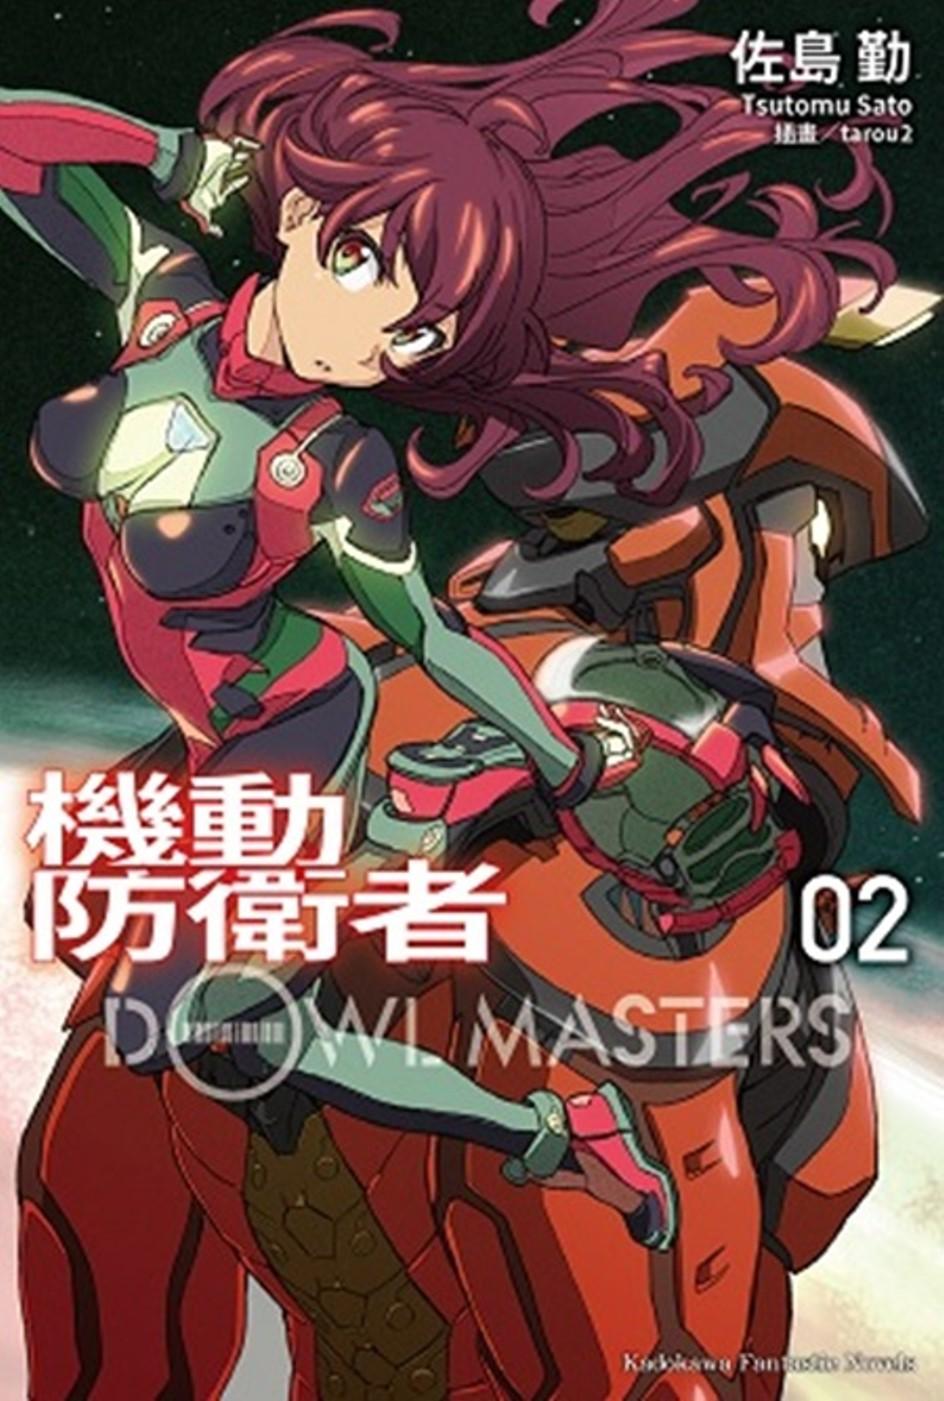 機動防衛者Dowl Masters 02